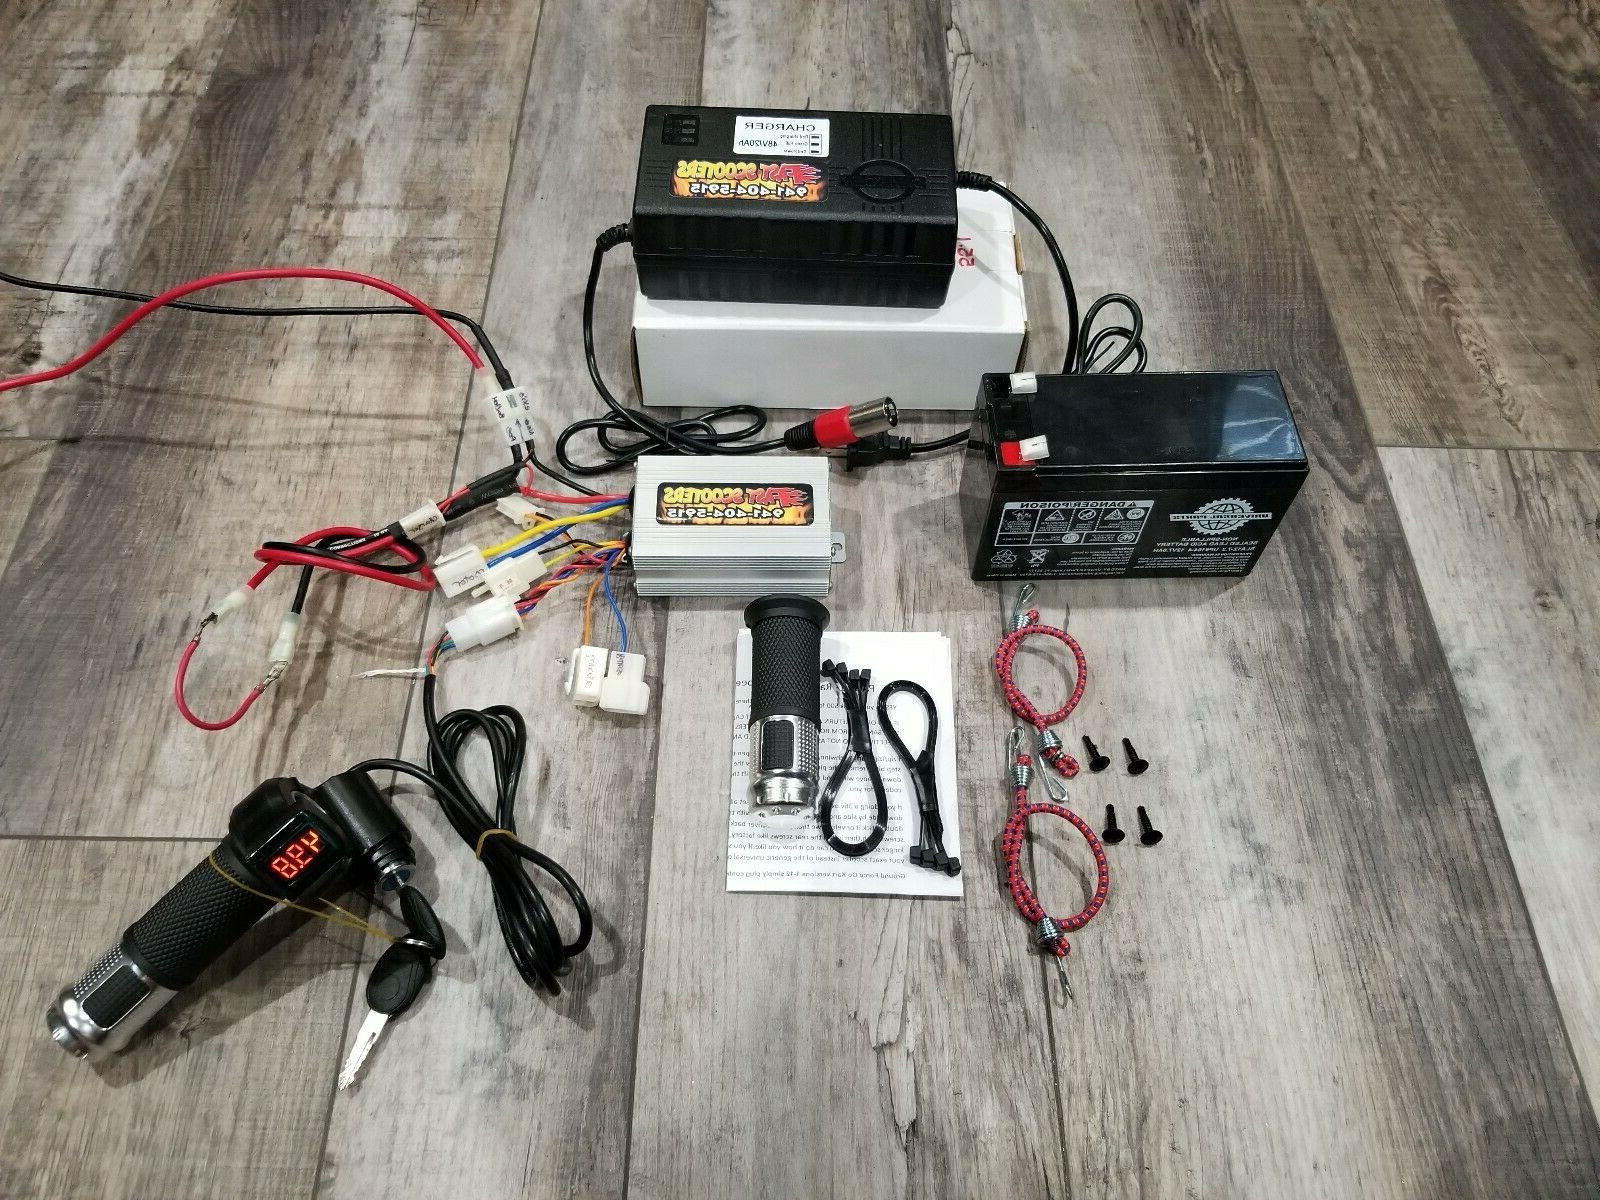 quad 500 performance kit 48v performance kit